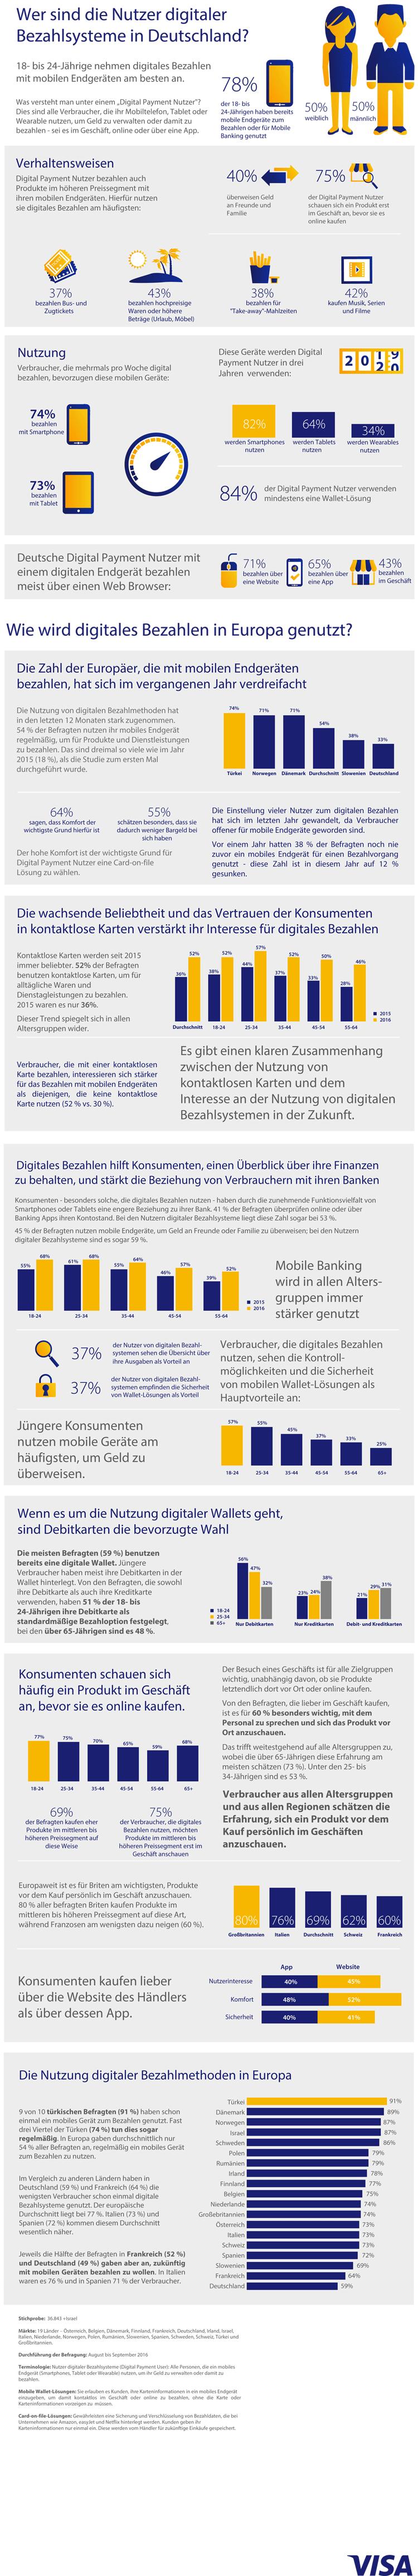 Infografik: Mobile Payment in Deutschland und Europa